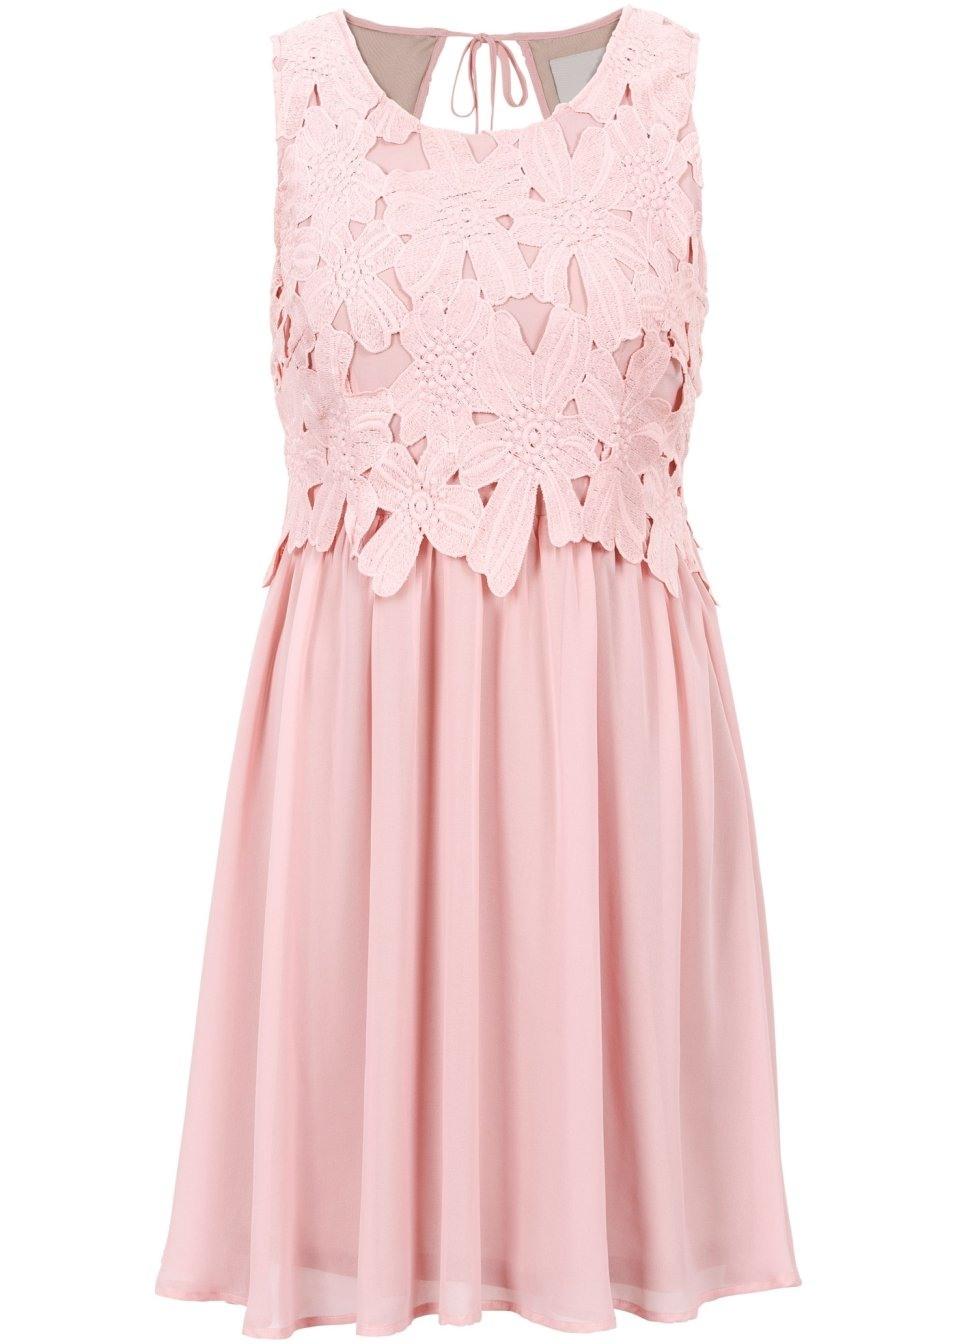 20 Top Suche Kleider Stylish10 Fantastisch Suche Kleider Boutique